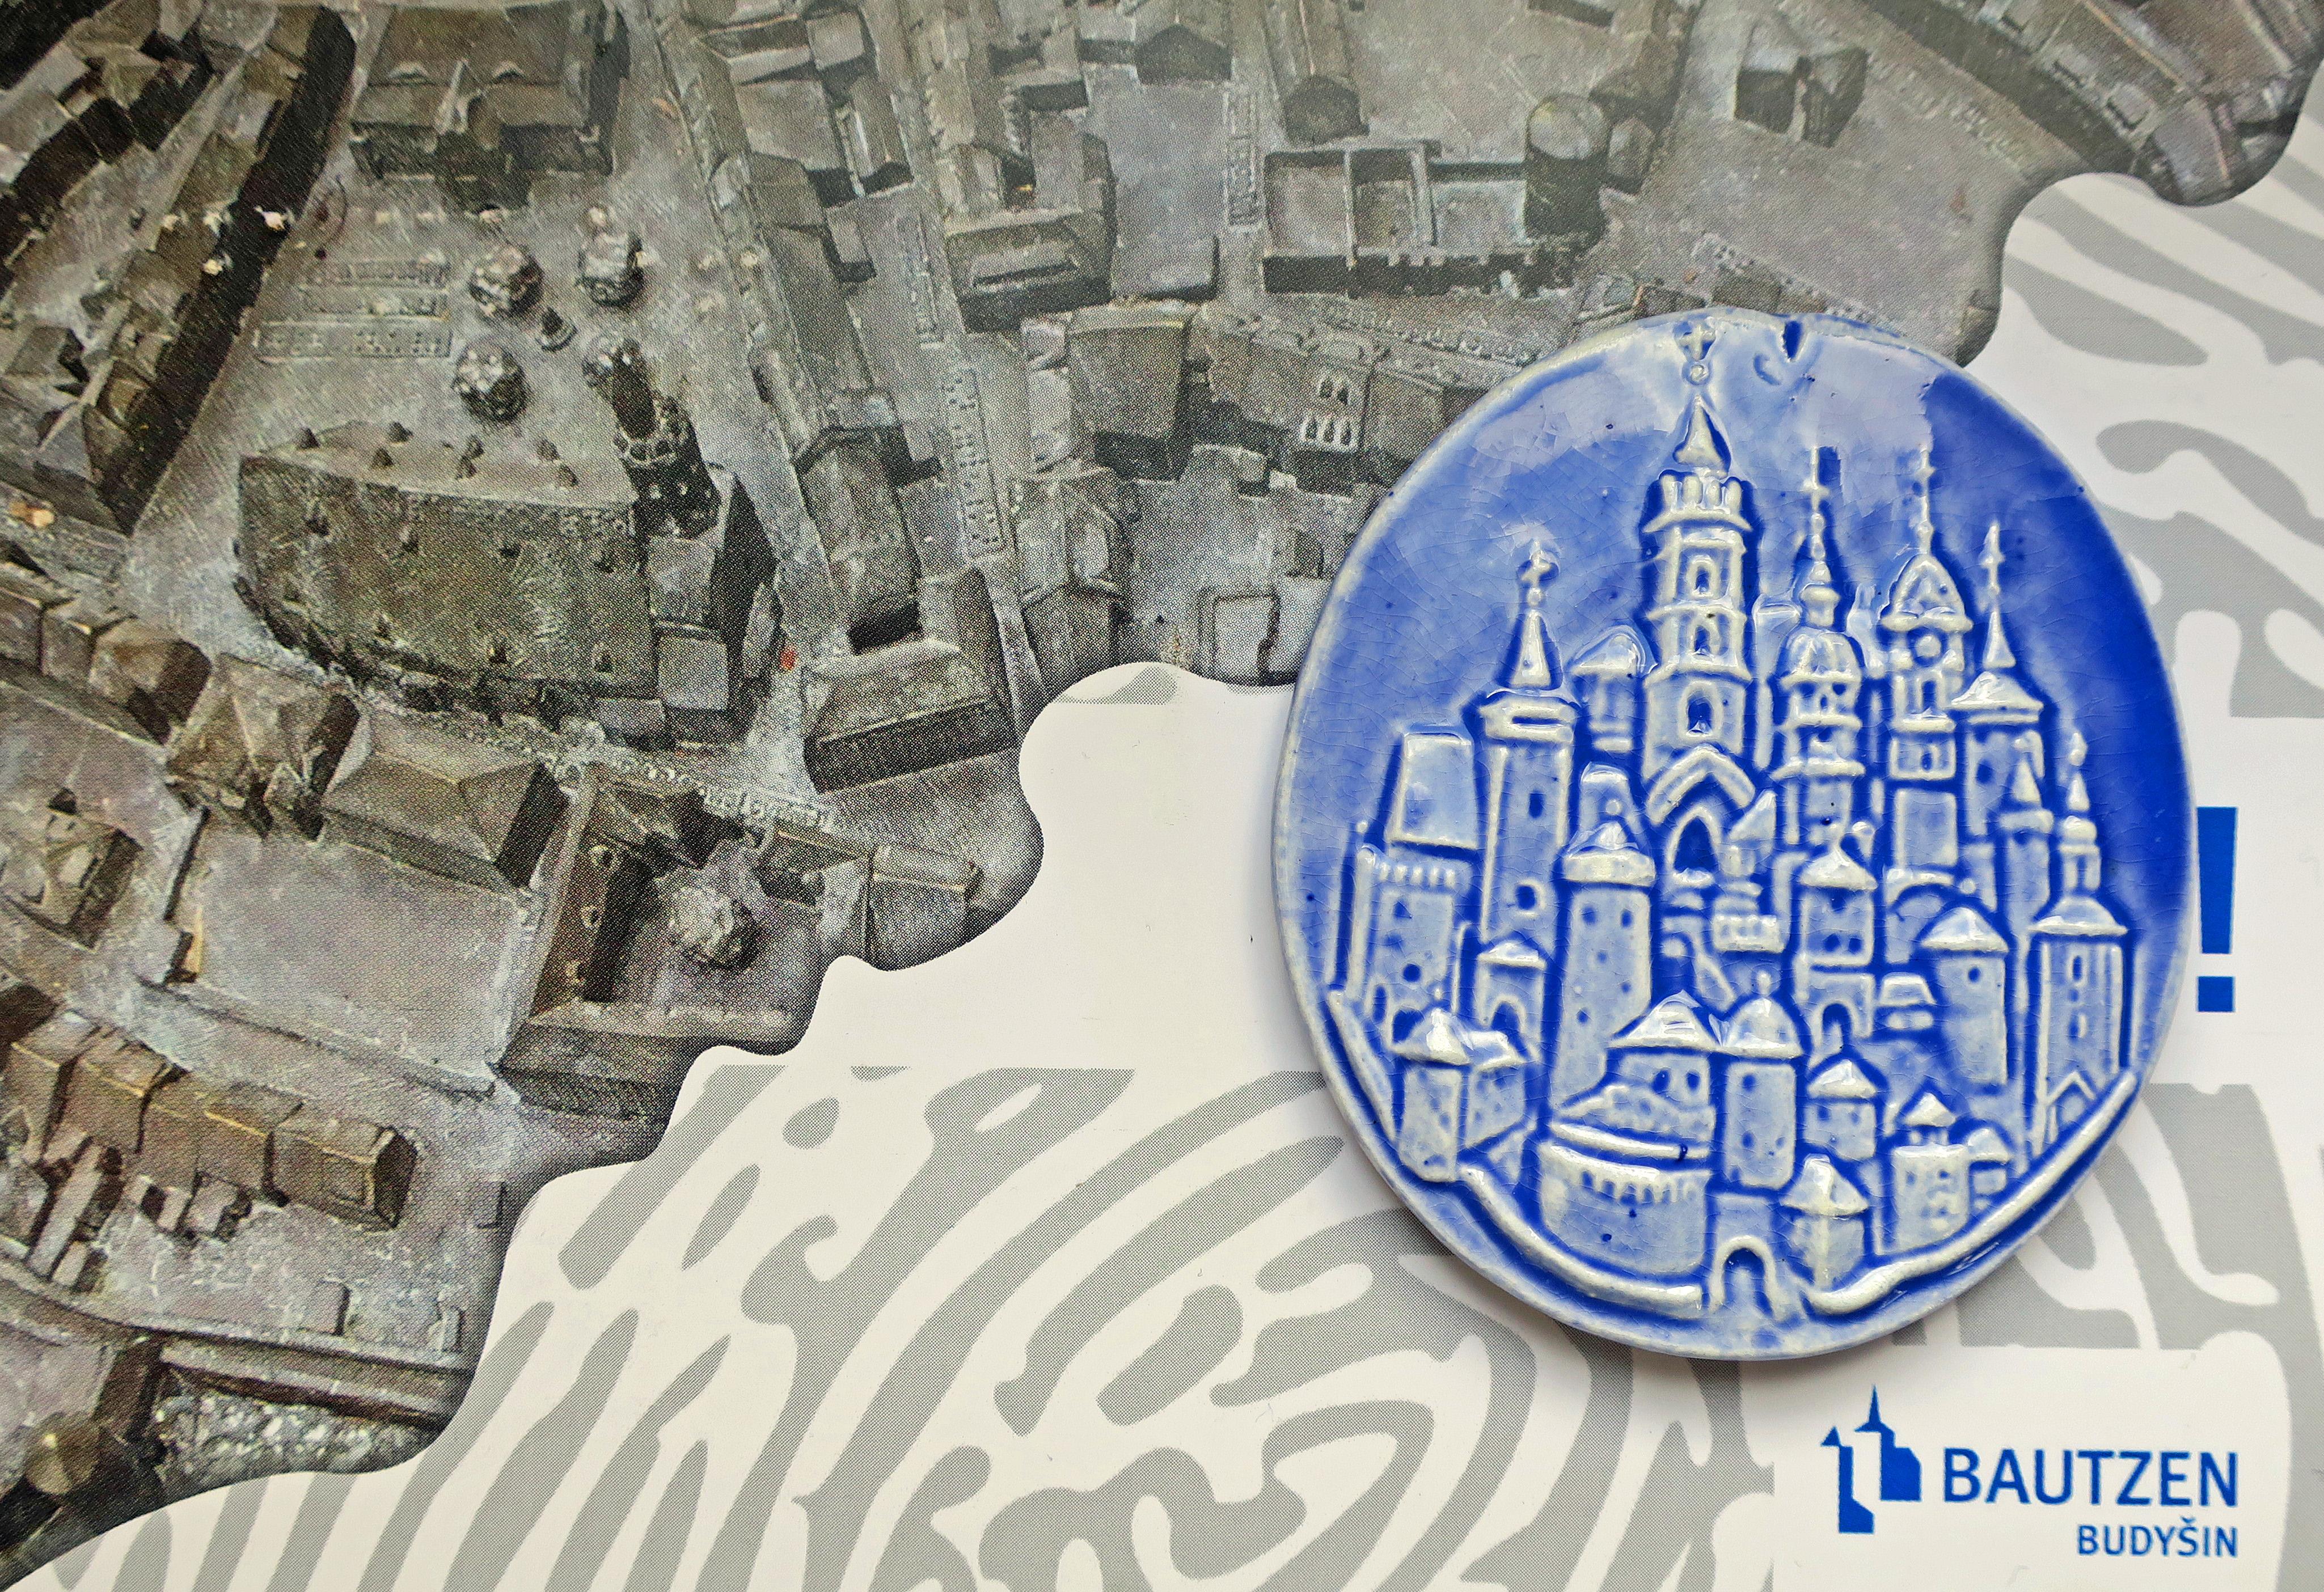 Einladungskarte zur Einweihung des Tastmodells und die blaue Keramikgedenkmünze.